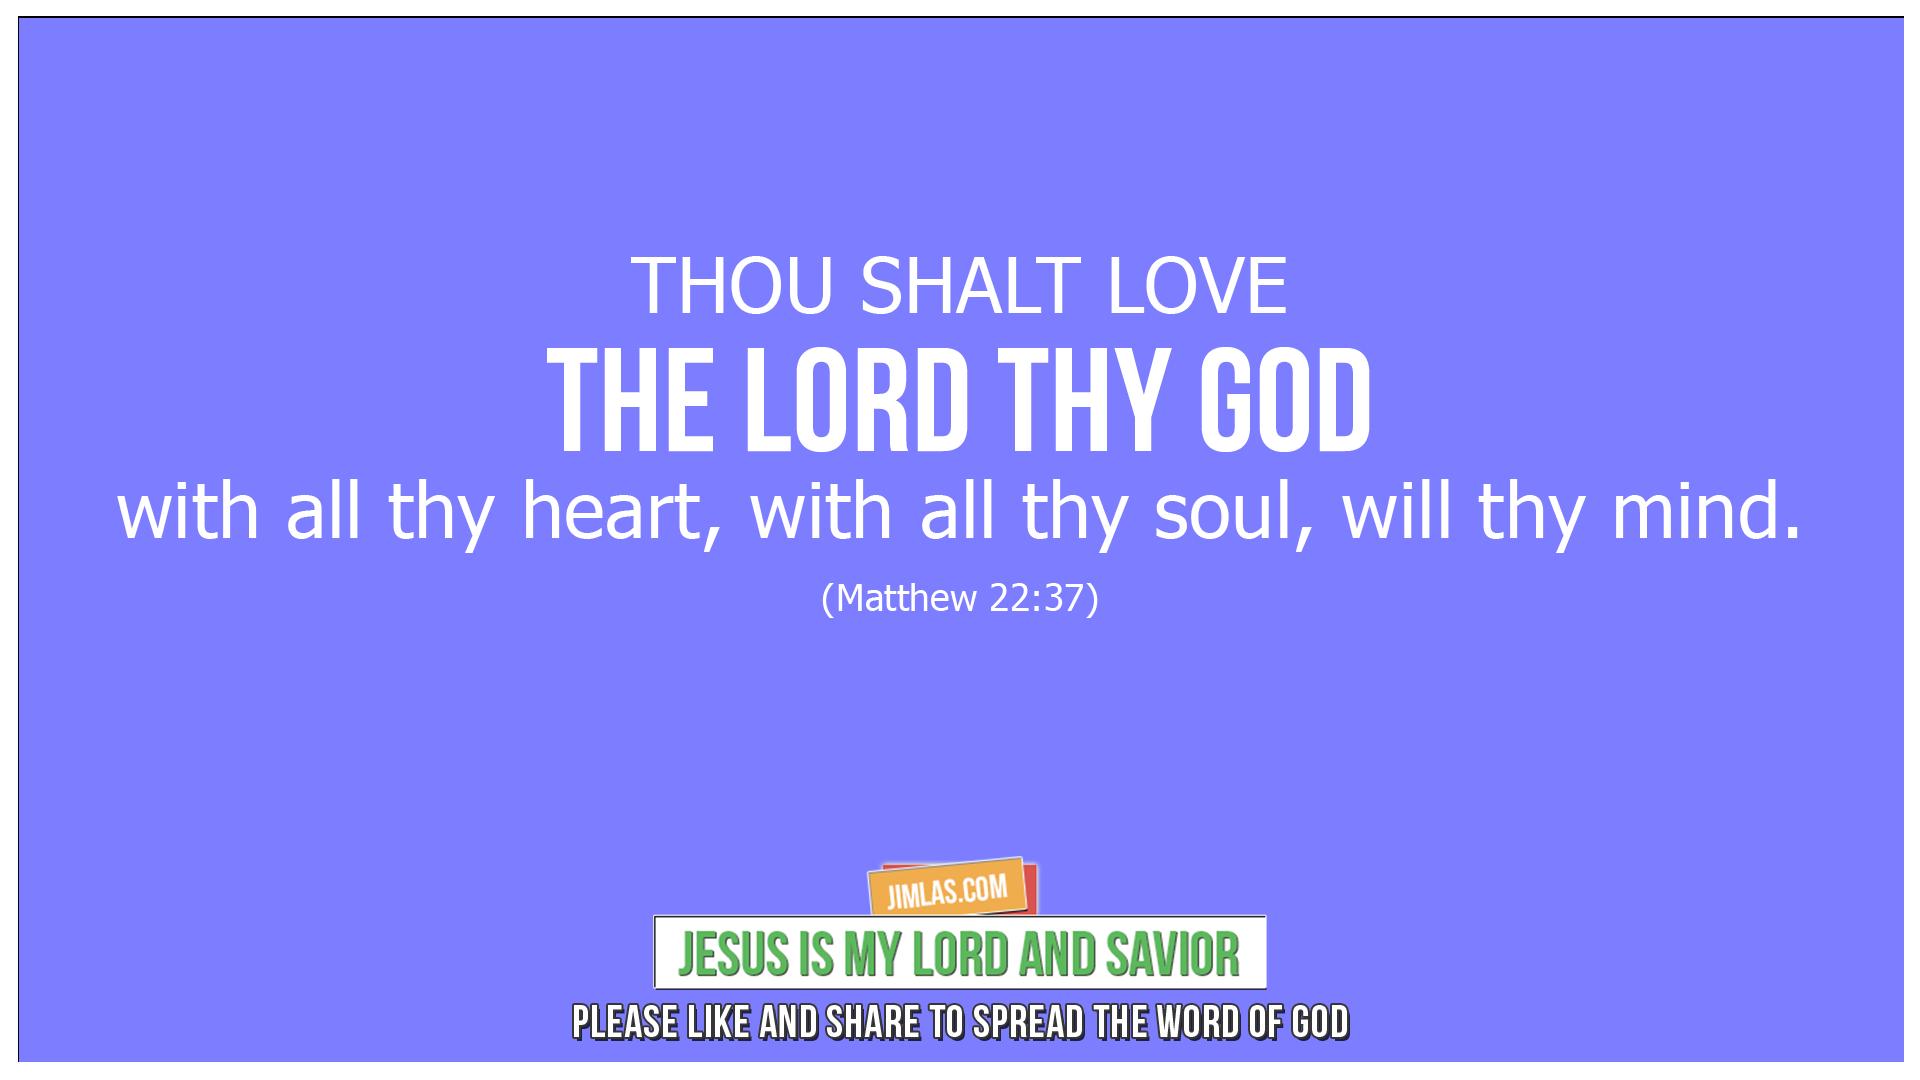 matthew 22 37, Matthew 22:37